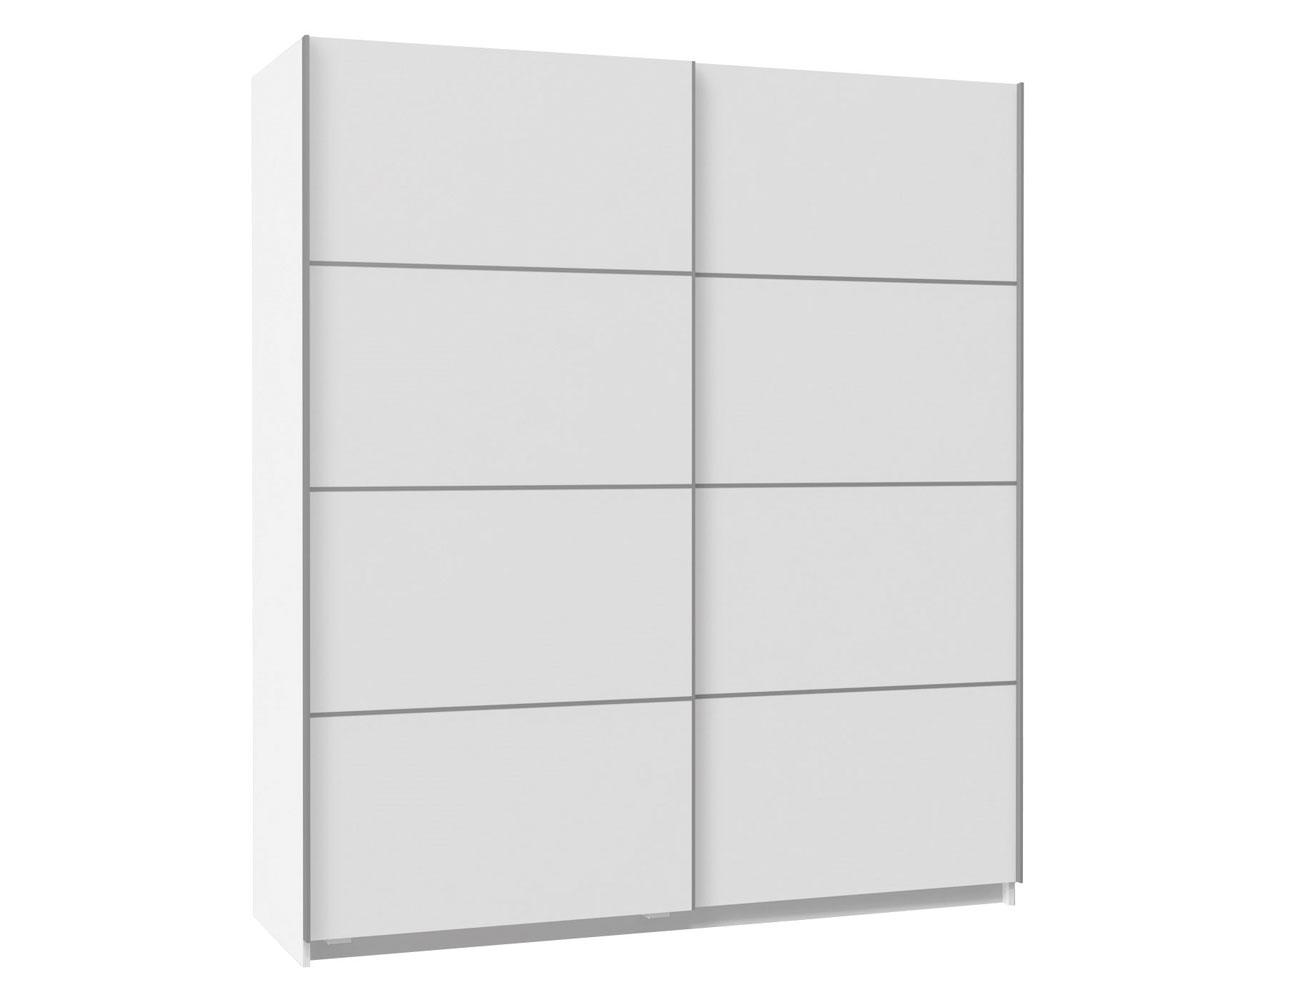 Armario puertas correderas blanco 180 cm de ancho - Armario blanco puertas correderas ...